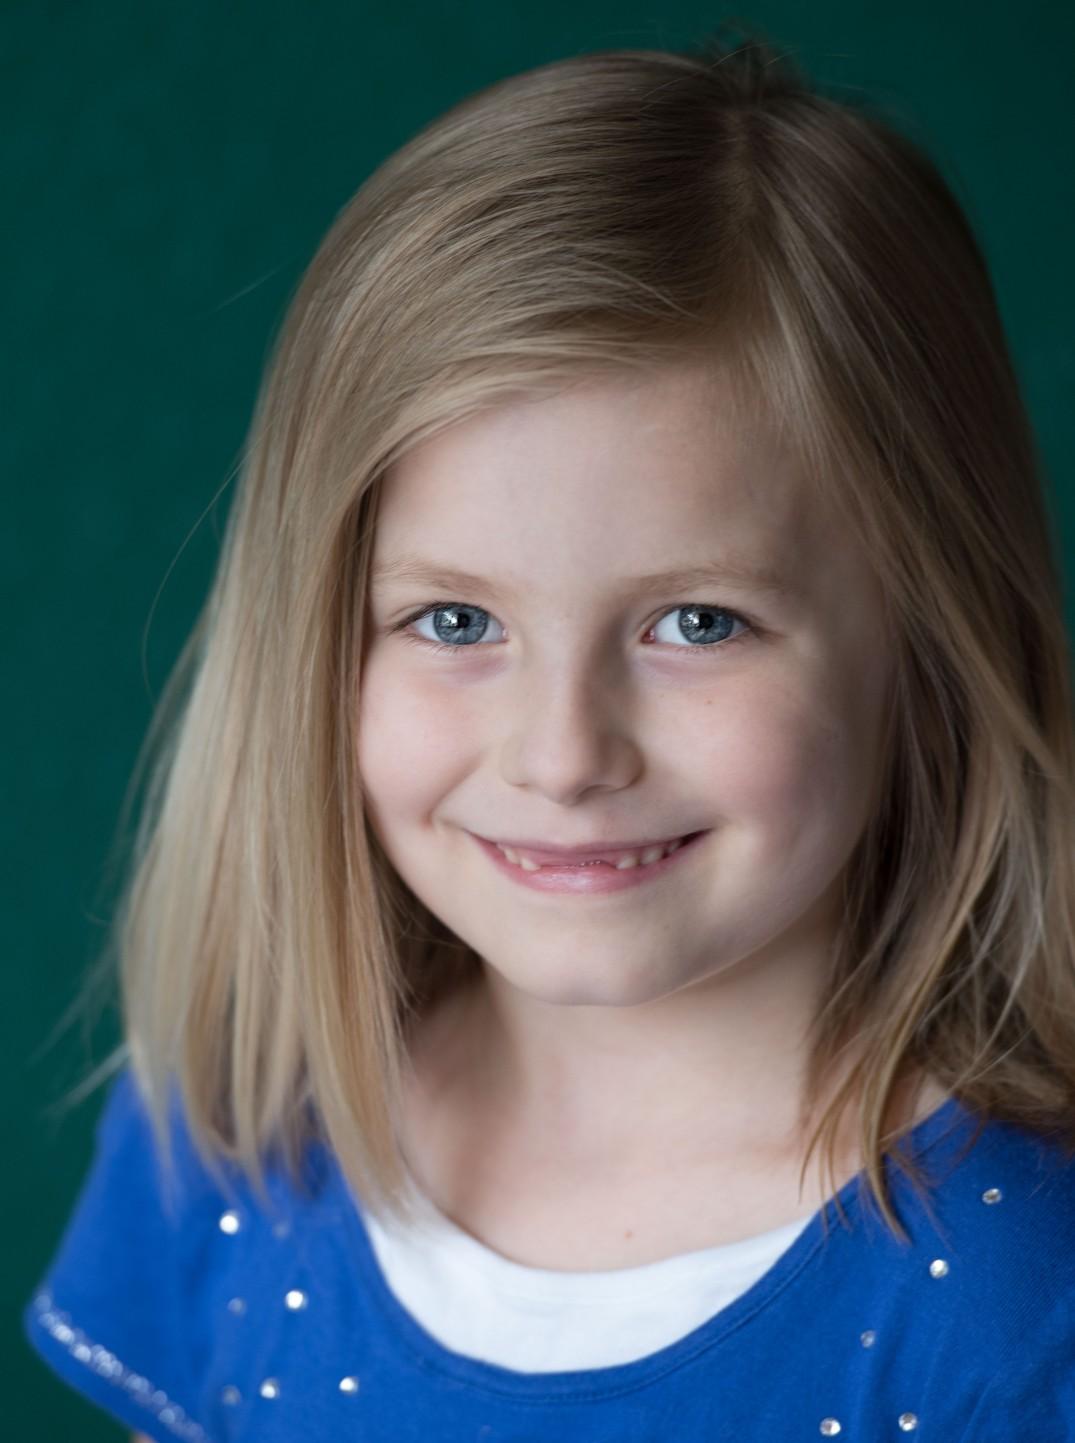 Child Actors Turned Adult Stars